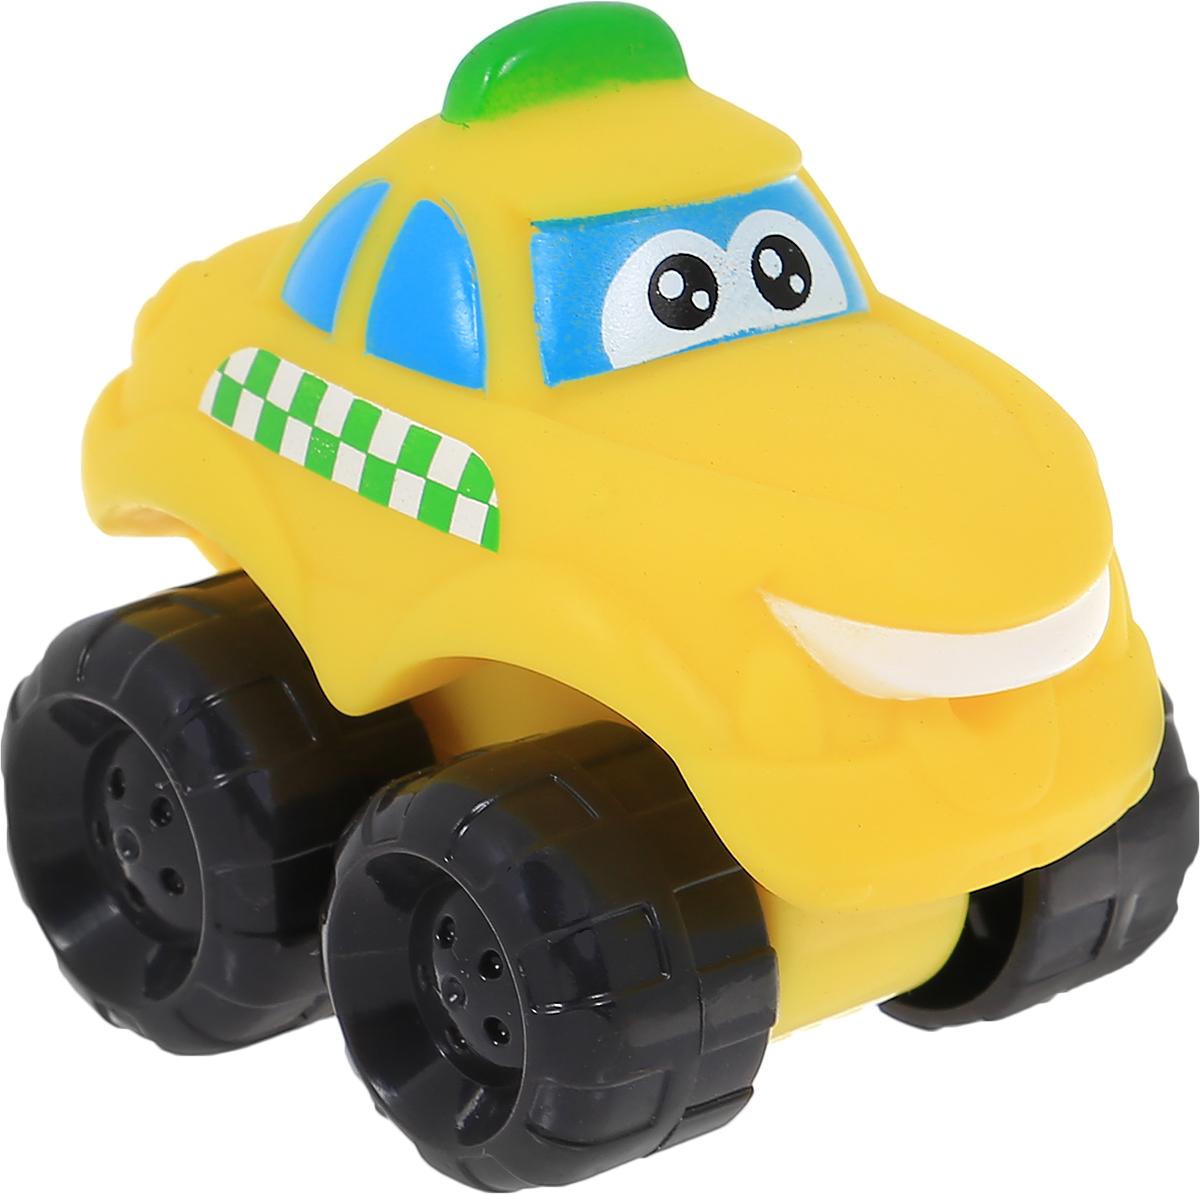 Chuck & Friends Машинка The Taxi Honker96085_96115Машинка Chuck & Friends The Taxi Honker особенно понравится юным любителям мультипликационного сериала Чак и его друзья, который рассказывает о приключениях добродушных машинок. Машинка окрашена в яркий желтый цвет. С такой забавной машинкой малыш сможет придумать множество различных сюжетов для игр. Игрушка изготовлена из качественного и безопасного материала.